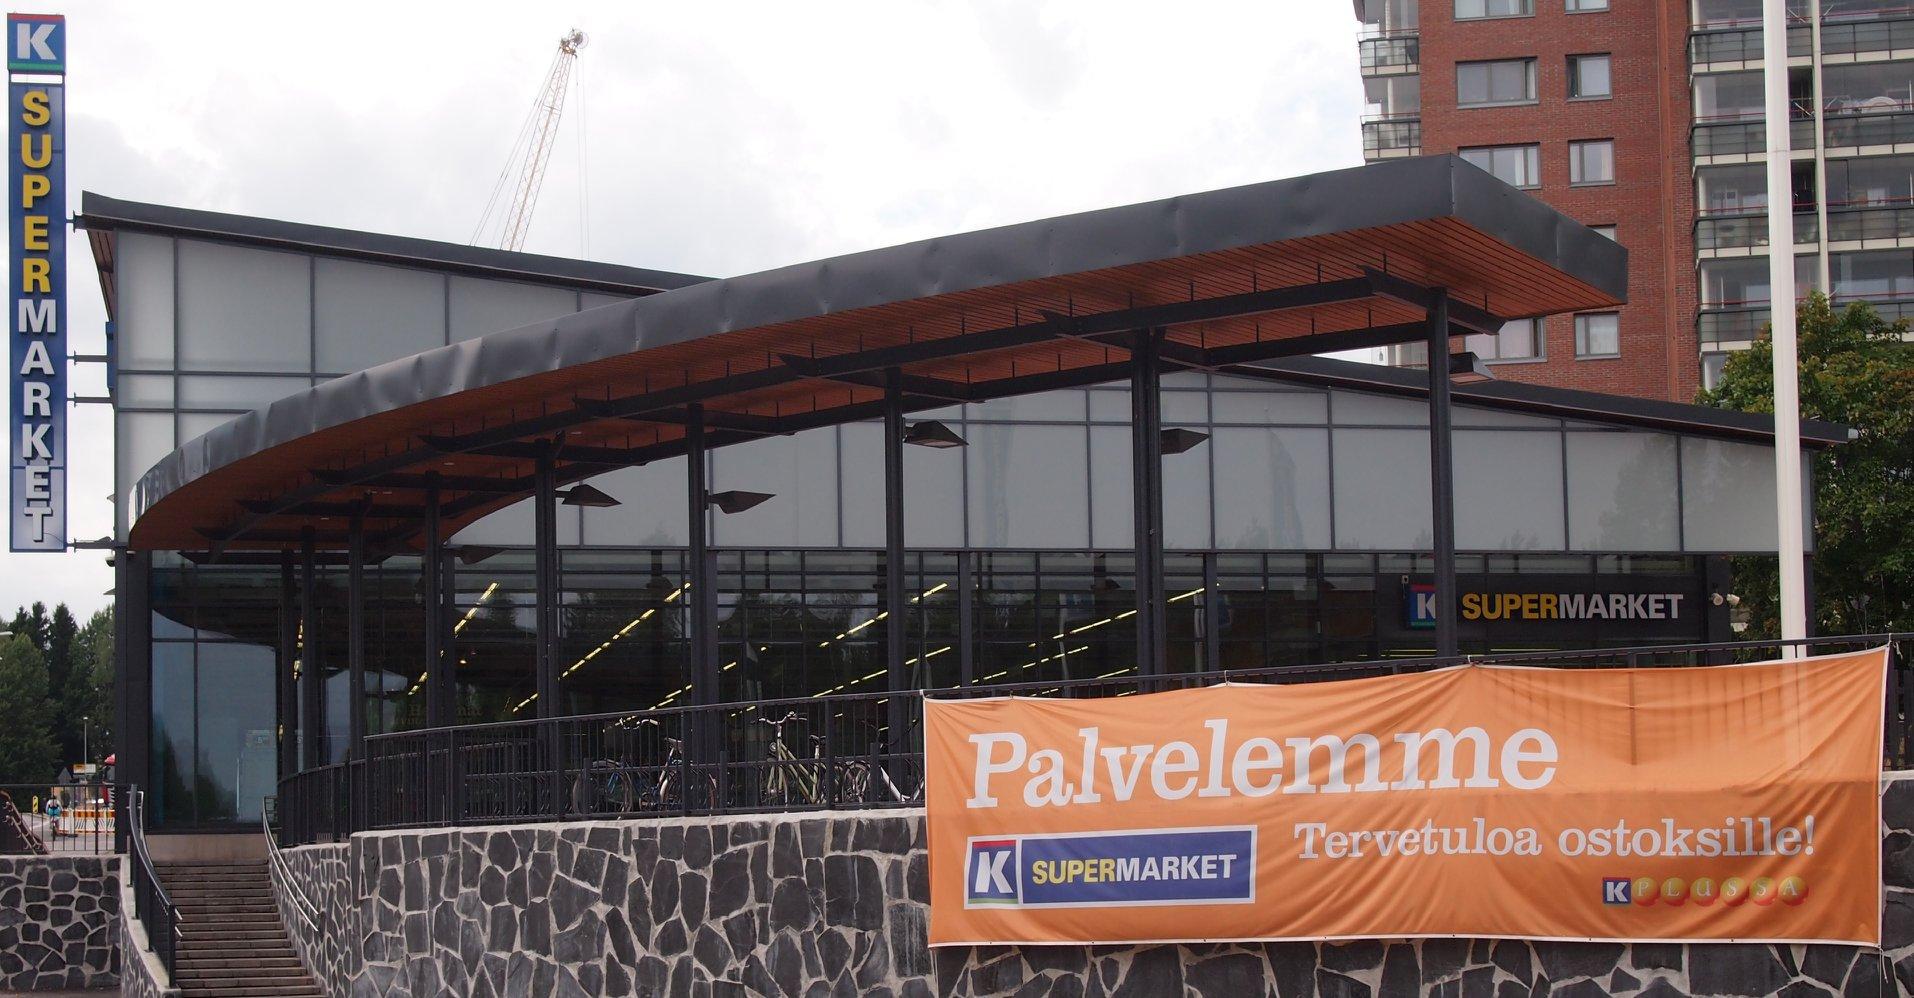 Жара в Европе: финский супермаркет пригласил переночевать в прохладе